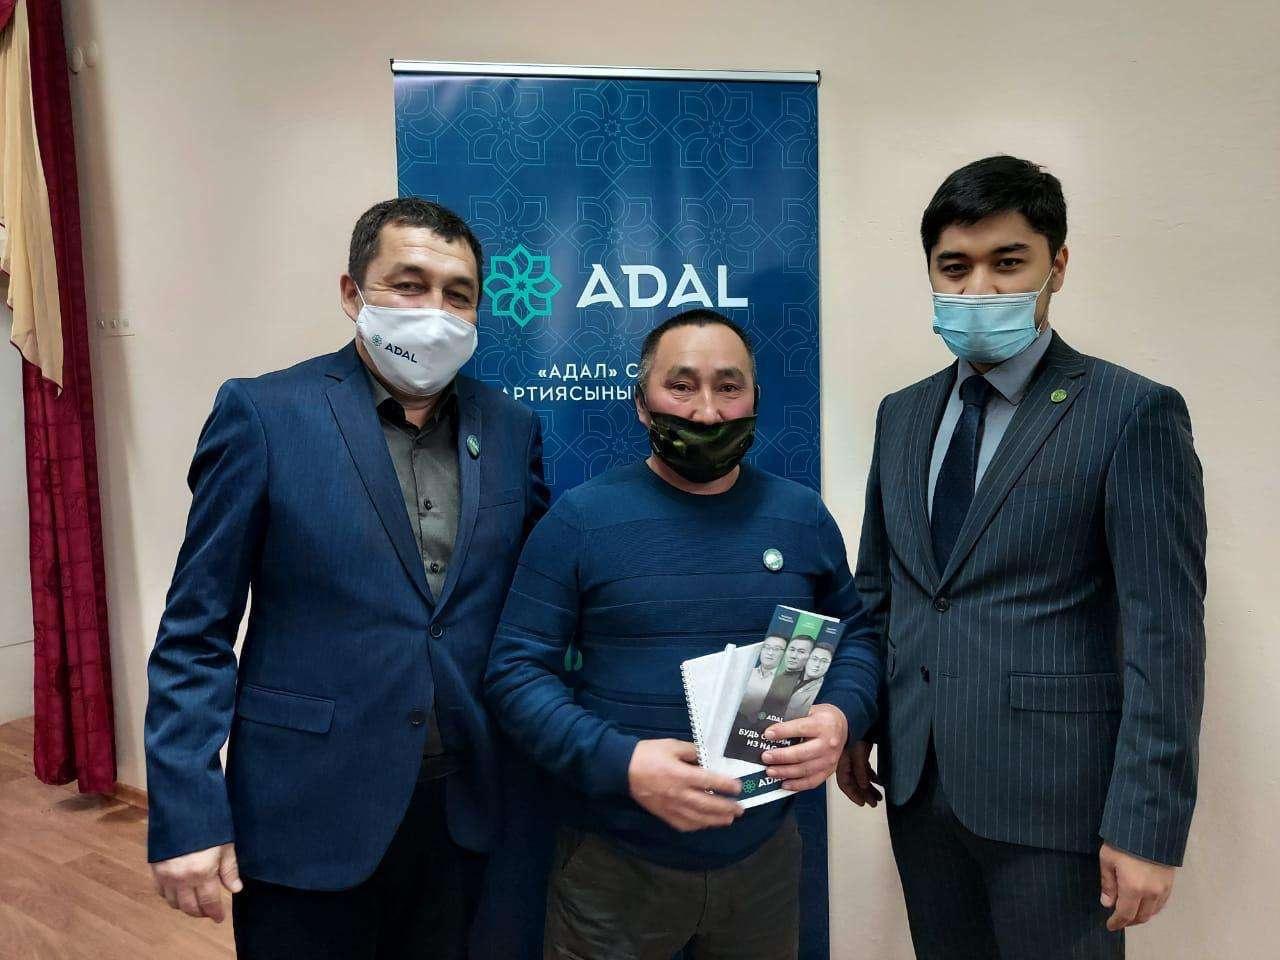 Встреча кандидатов партии Adal с жителями Костанайской области